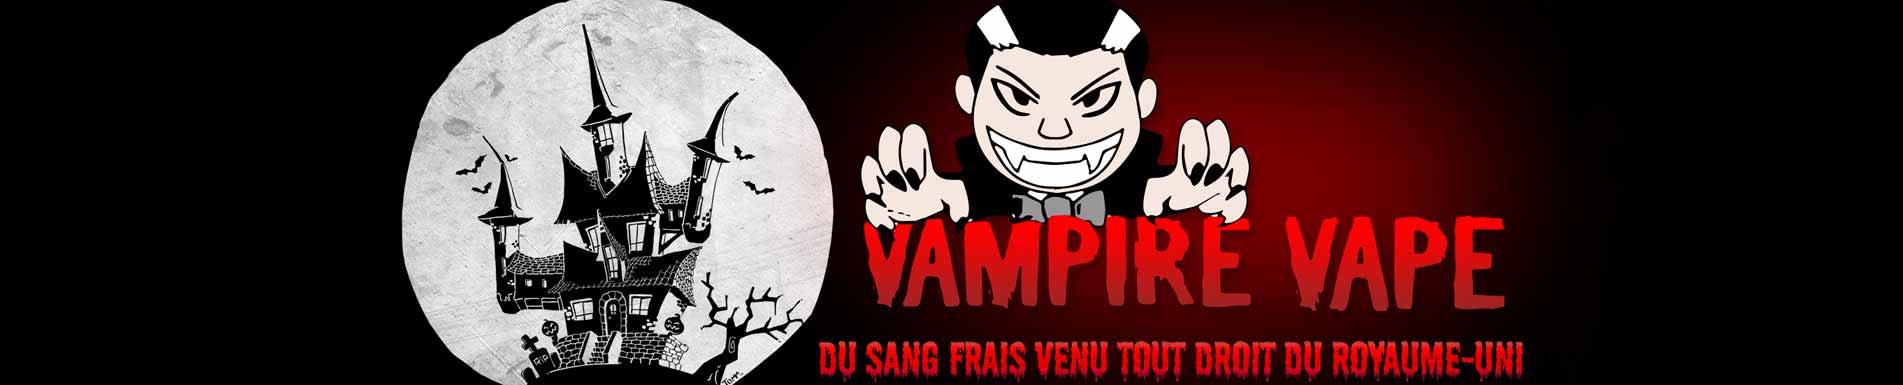 arome vampire vape